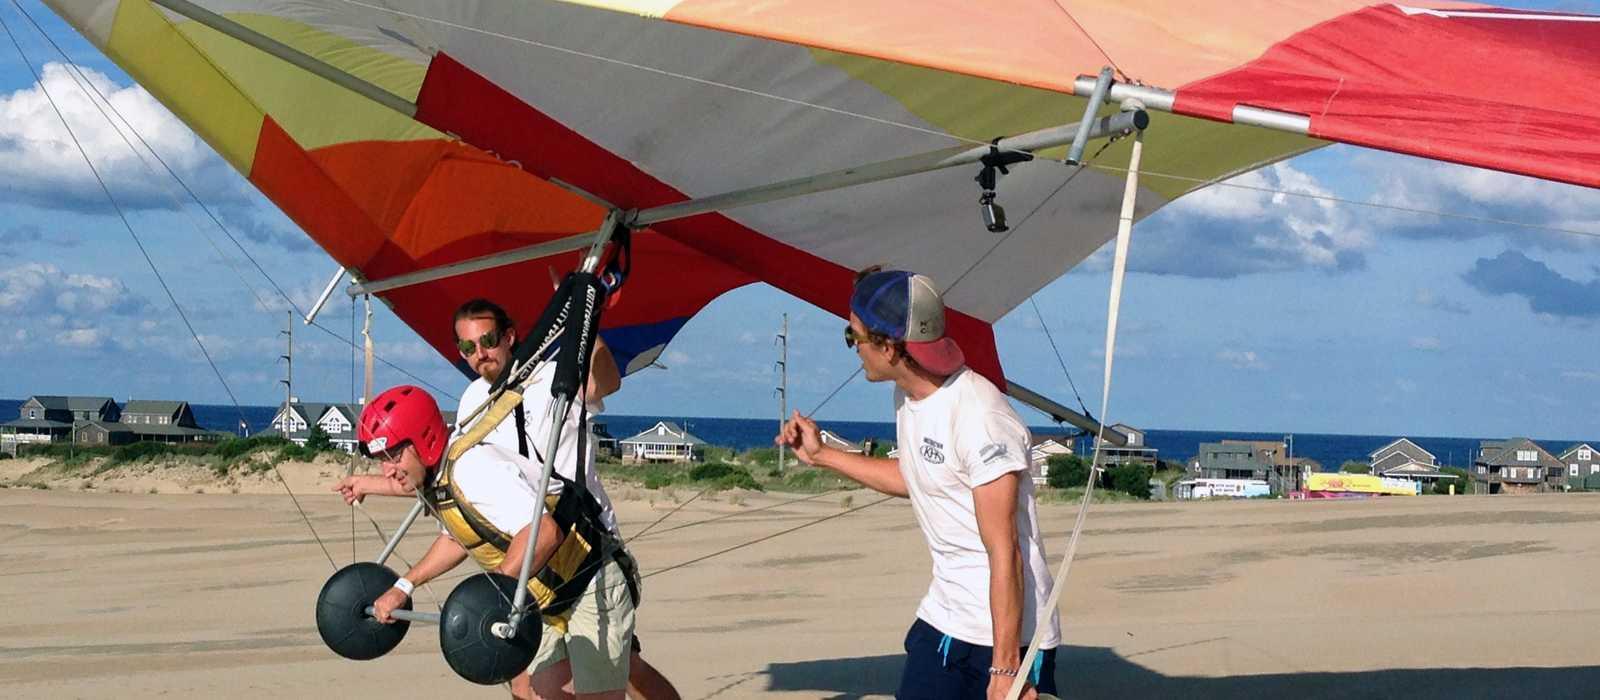 Erste Flugversuche mit dem Glider